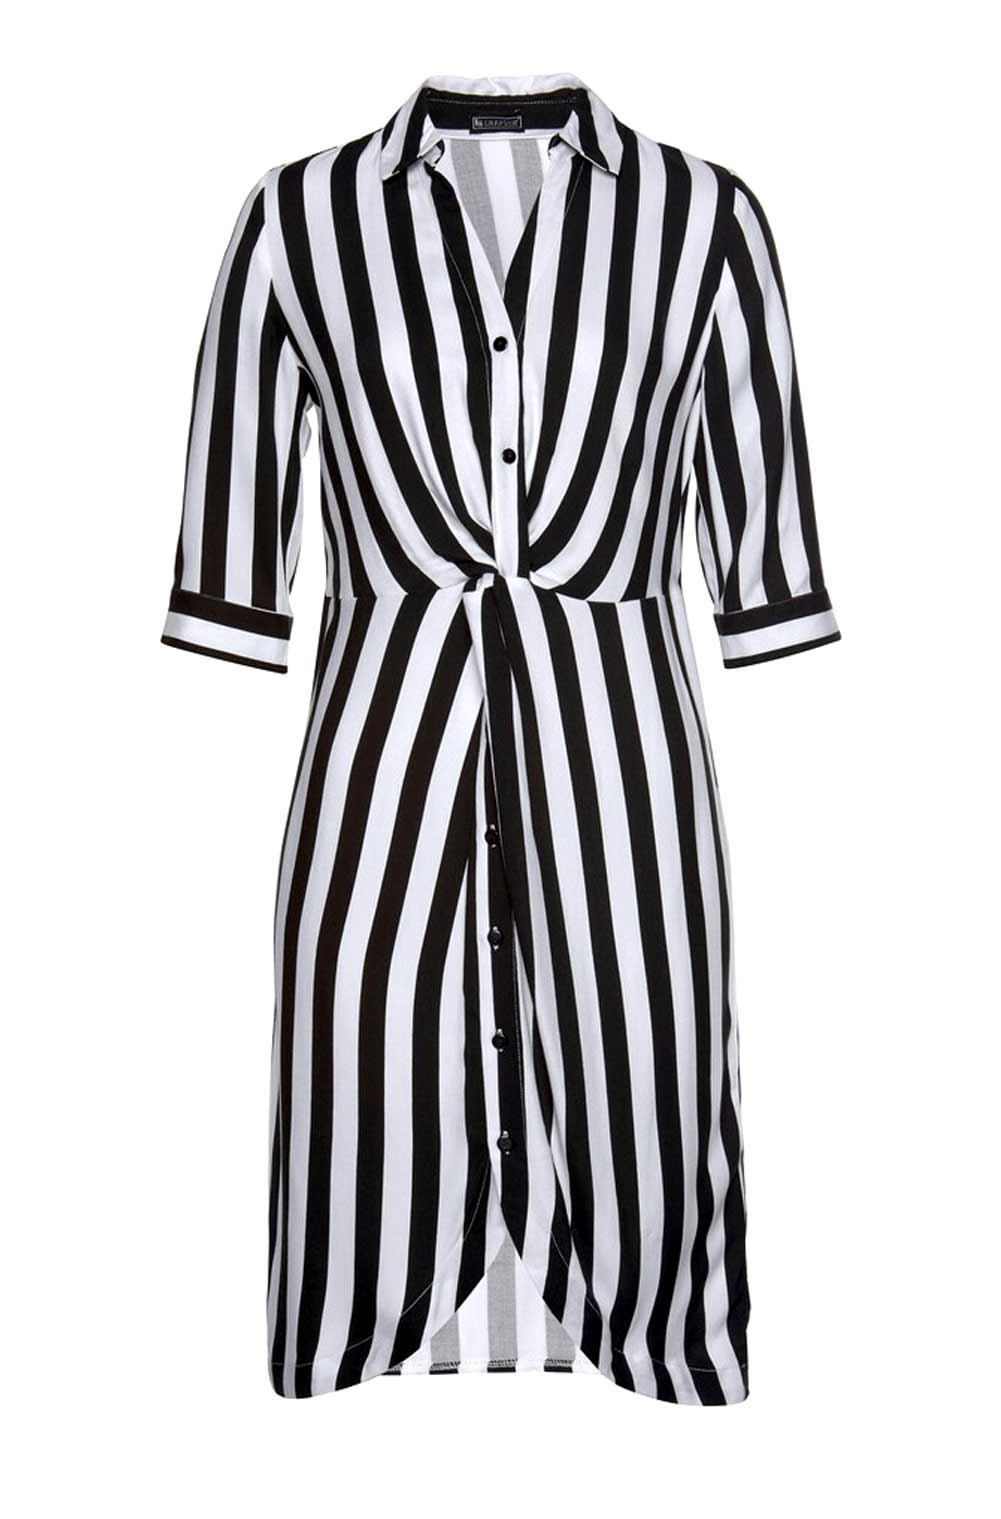 wadenlange kleider für besondere anlässe LAURA SCOTT Damen-Streifenkleid Schwarz-Weiß 813.321 missforty